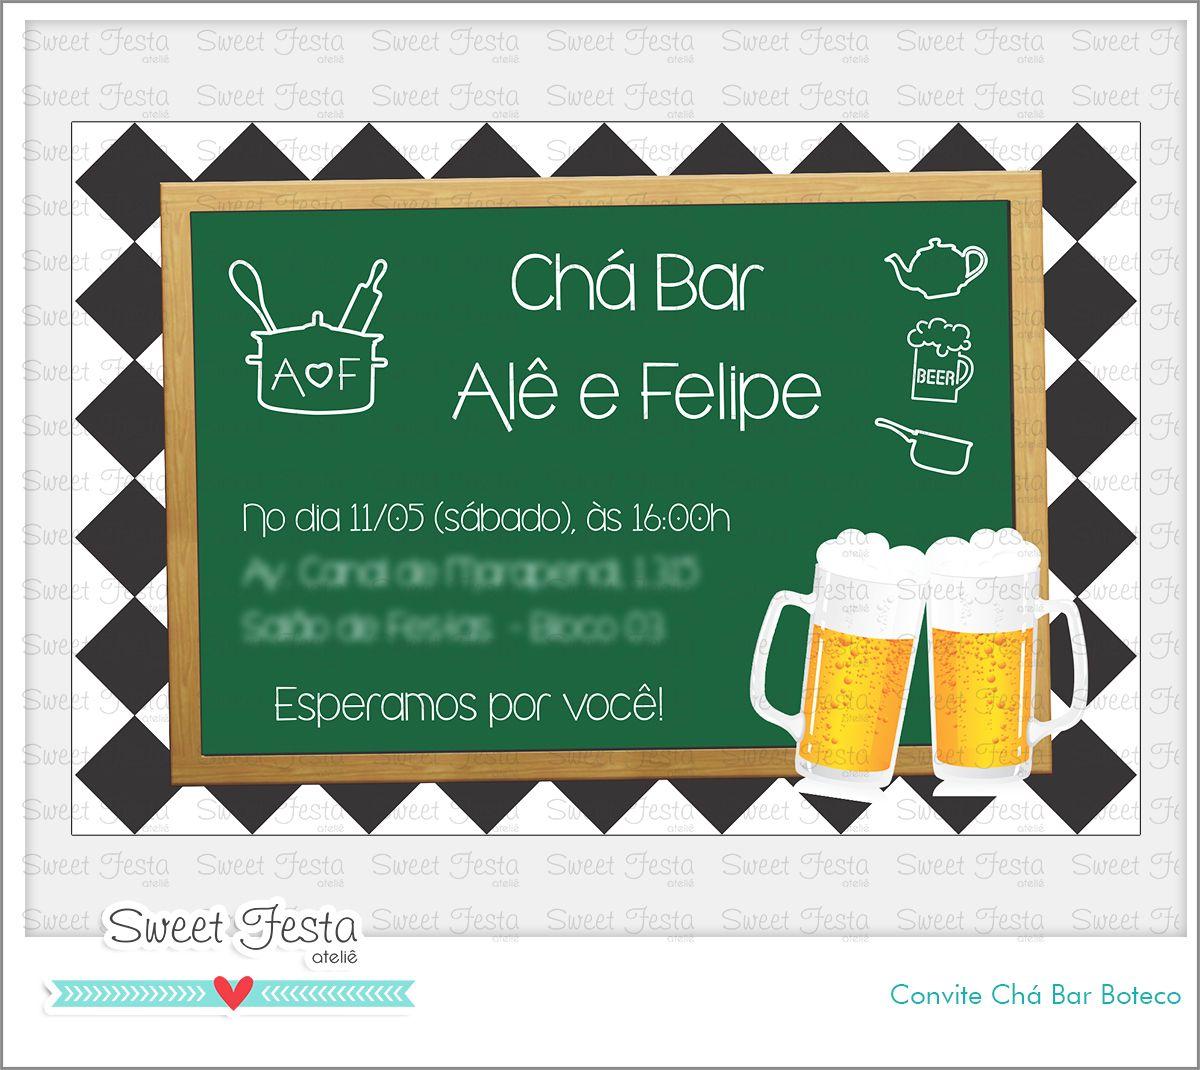 Convite Digital Chá Bar Boteco Convite Digital Chá Bar Boteco